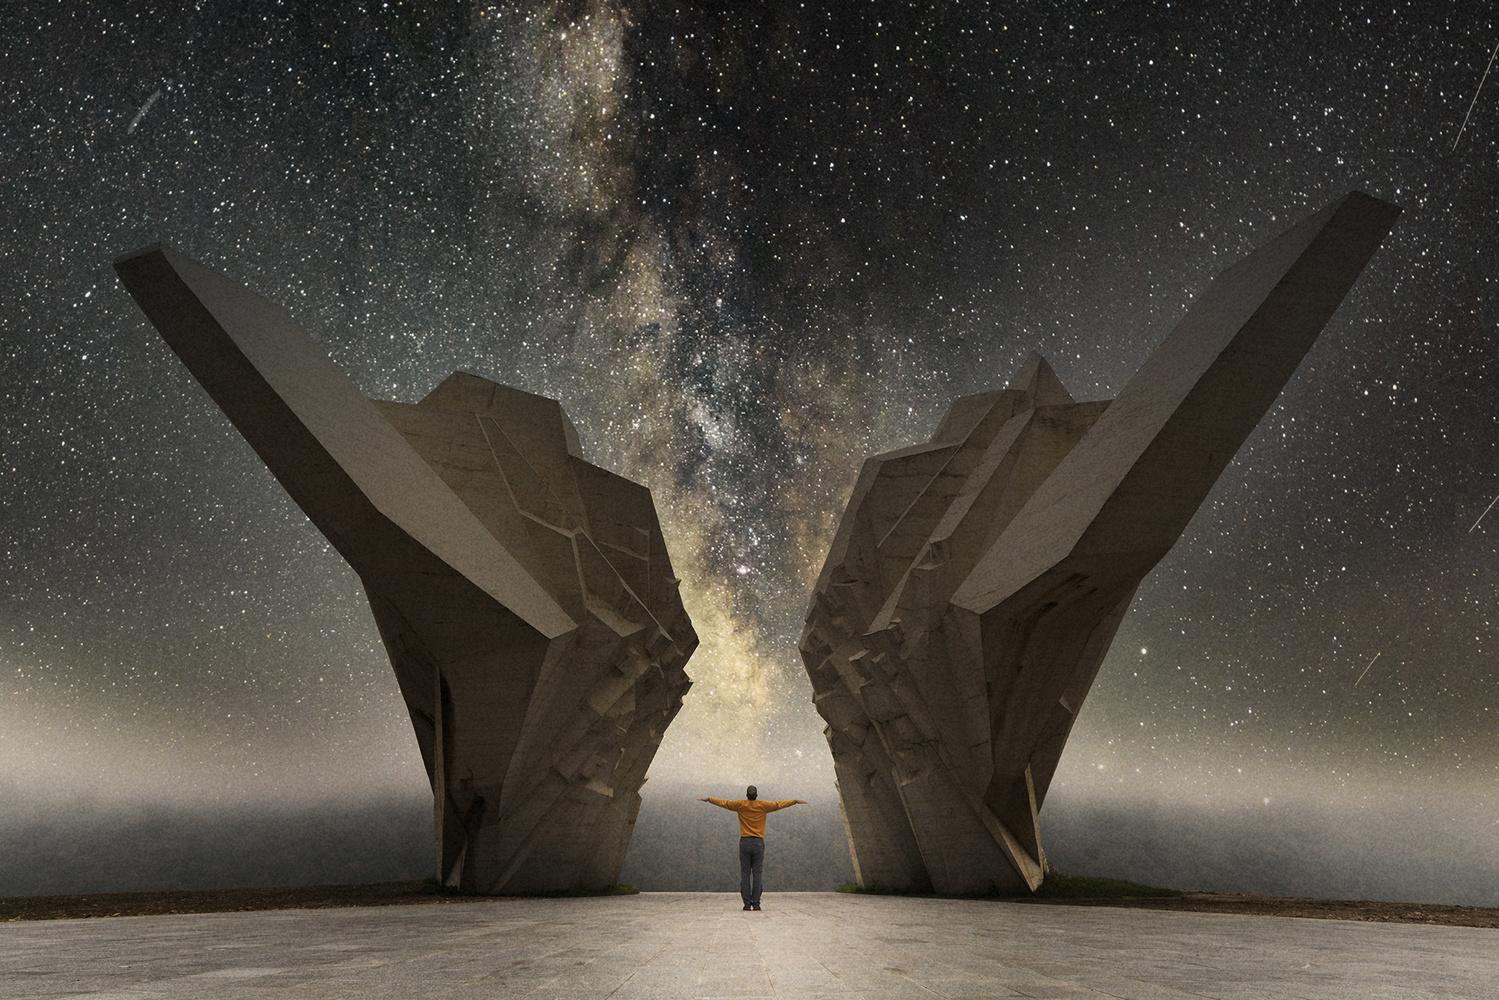 Stardust by Sead Sasivarevic